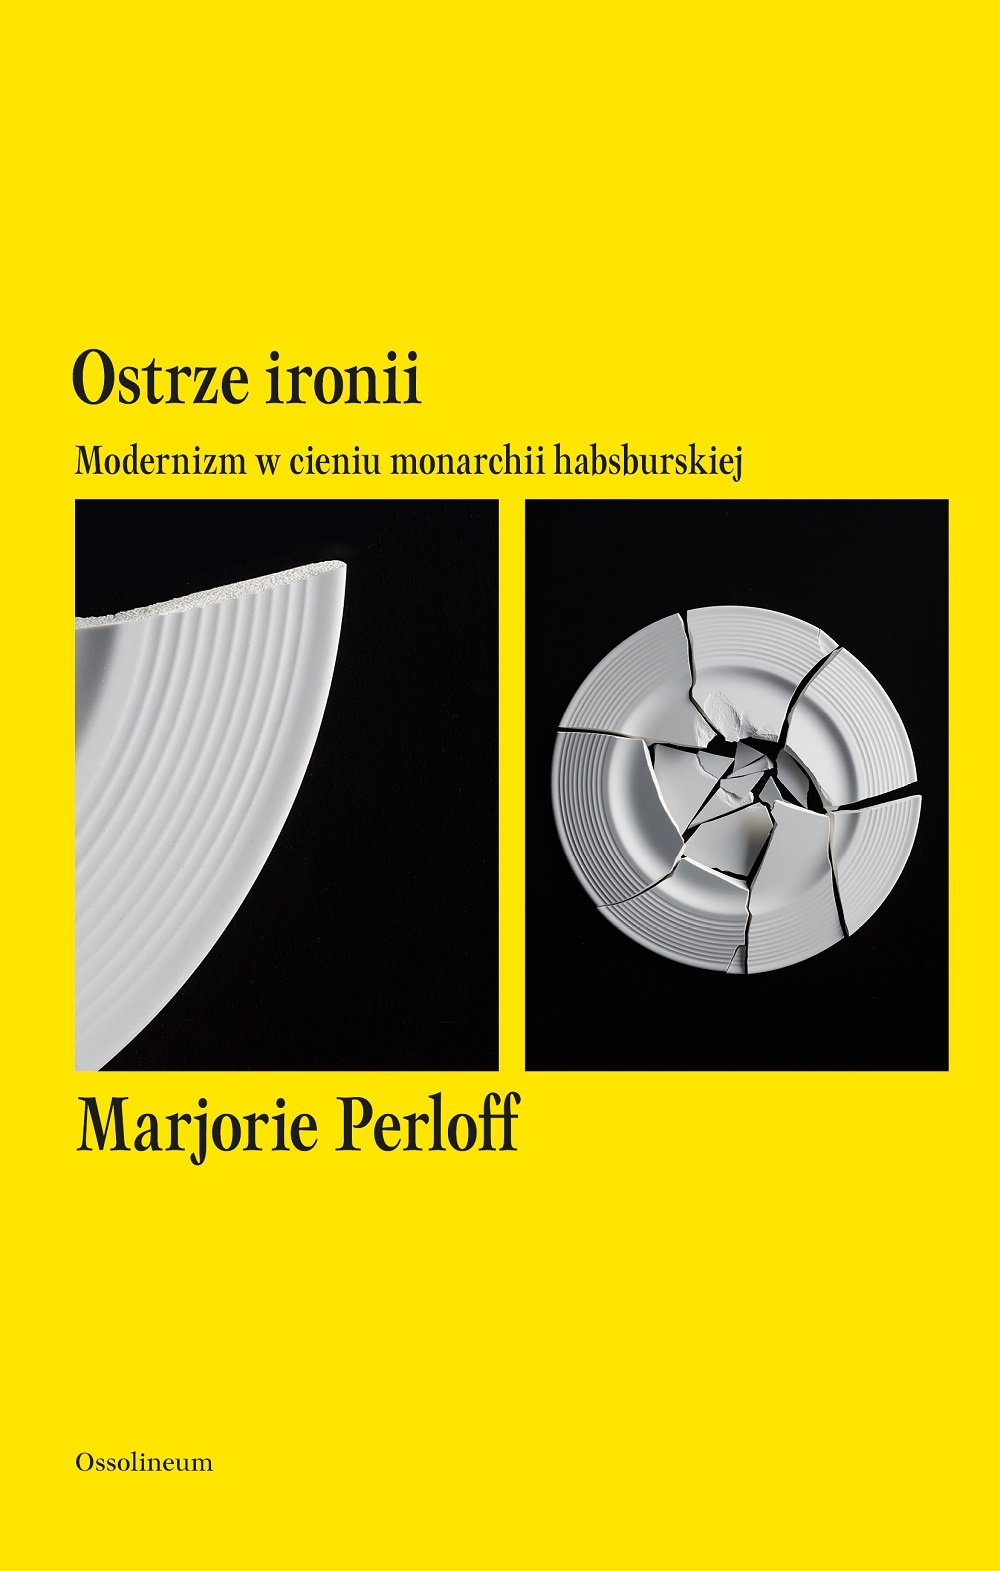 Ostrze ironii. Modernizm w cieniu monarchii habsburskiej - Ebook (Książka EPUB) do pobrania w formacie EPUB